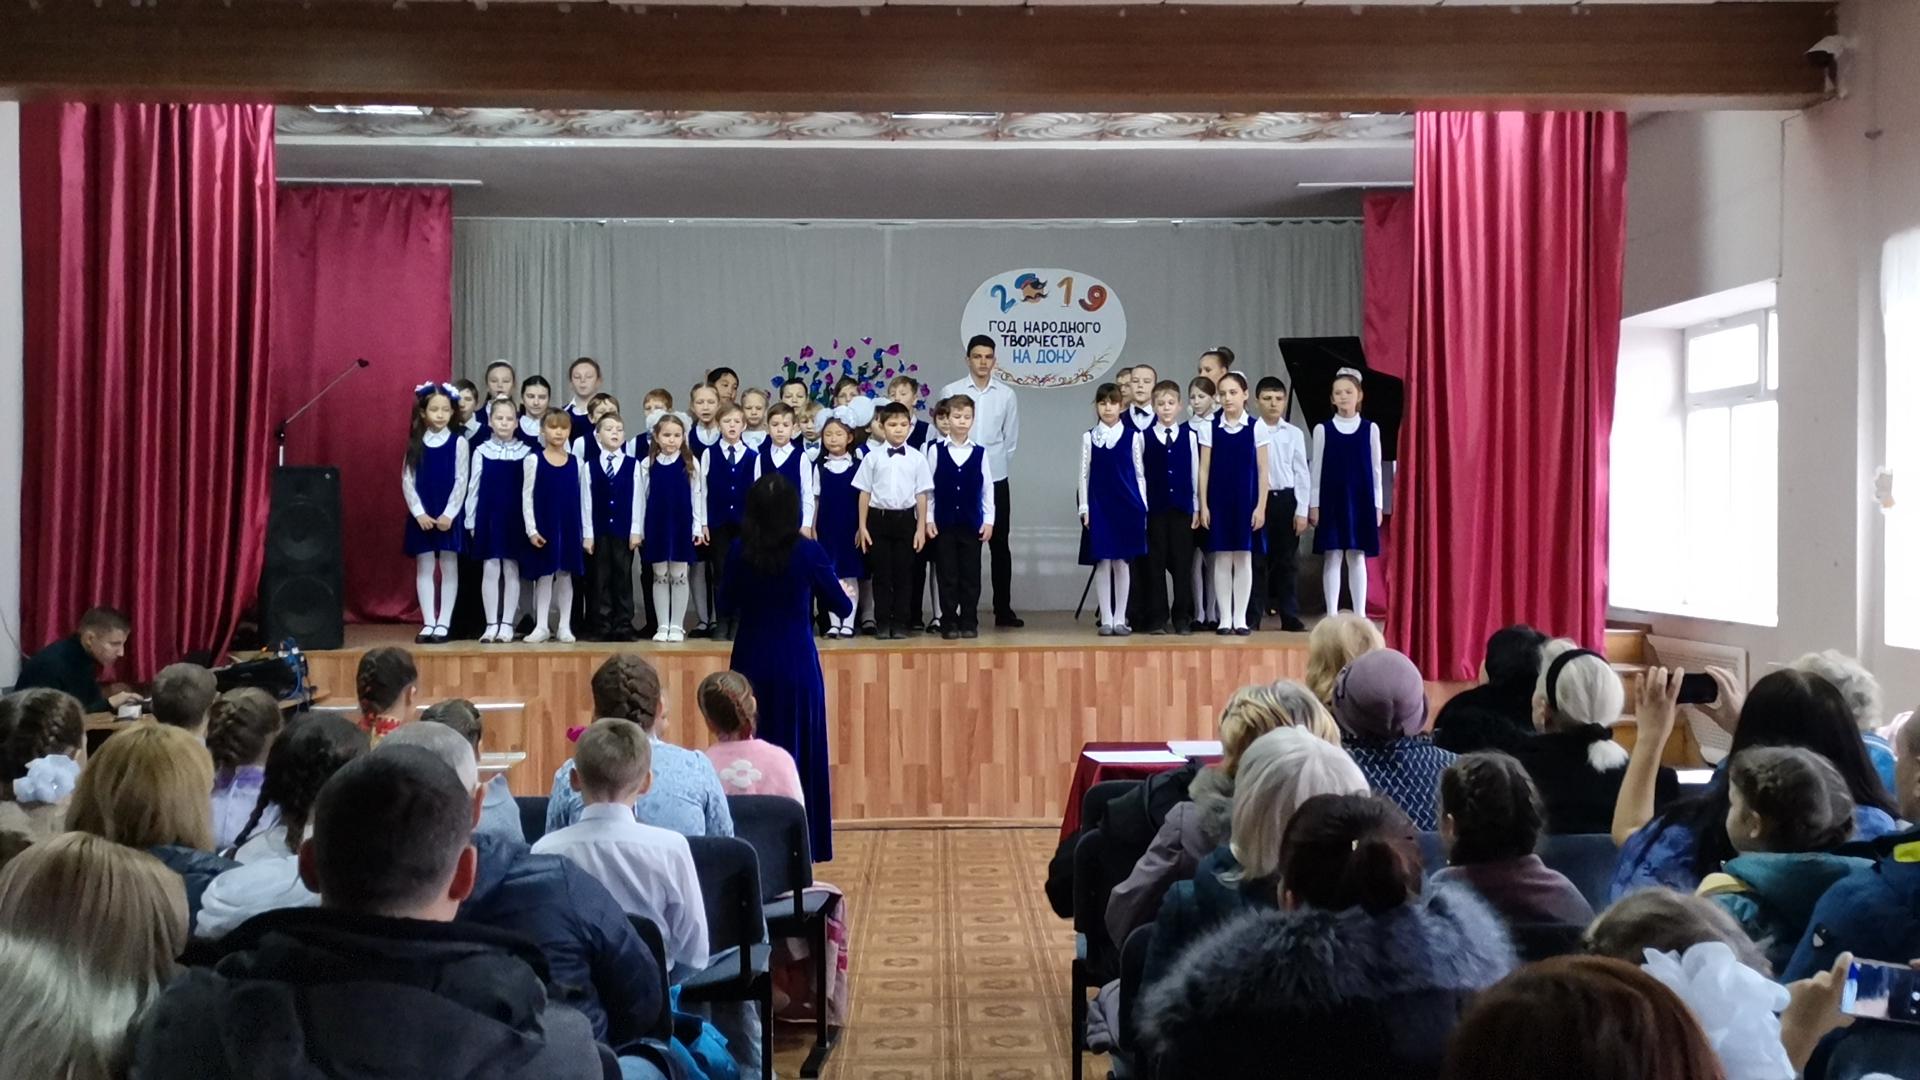 Районный конкурс патриотической песни «Поющий Дон»